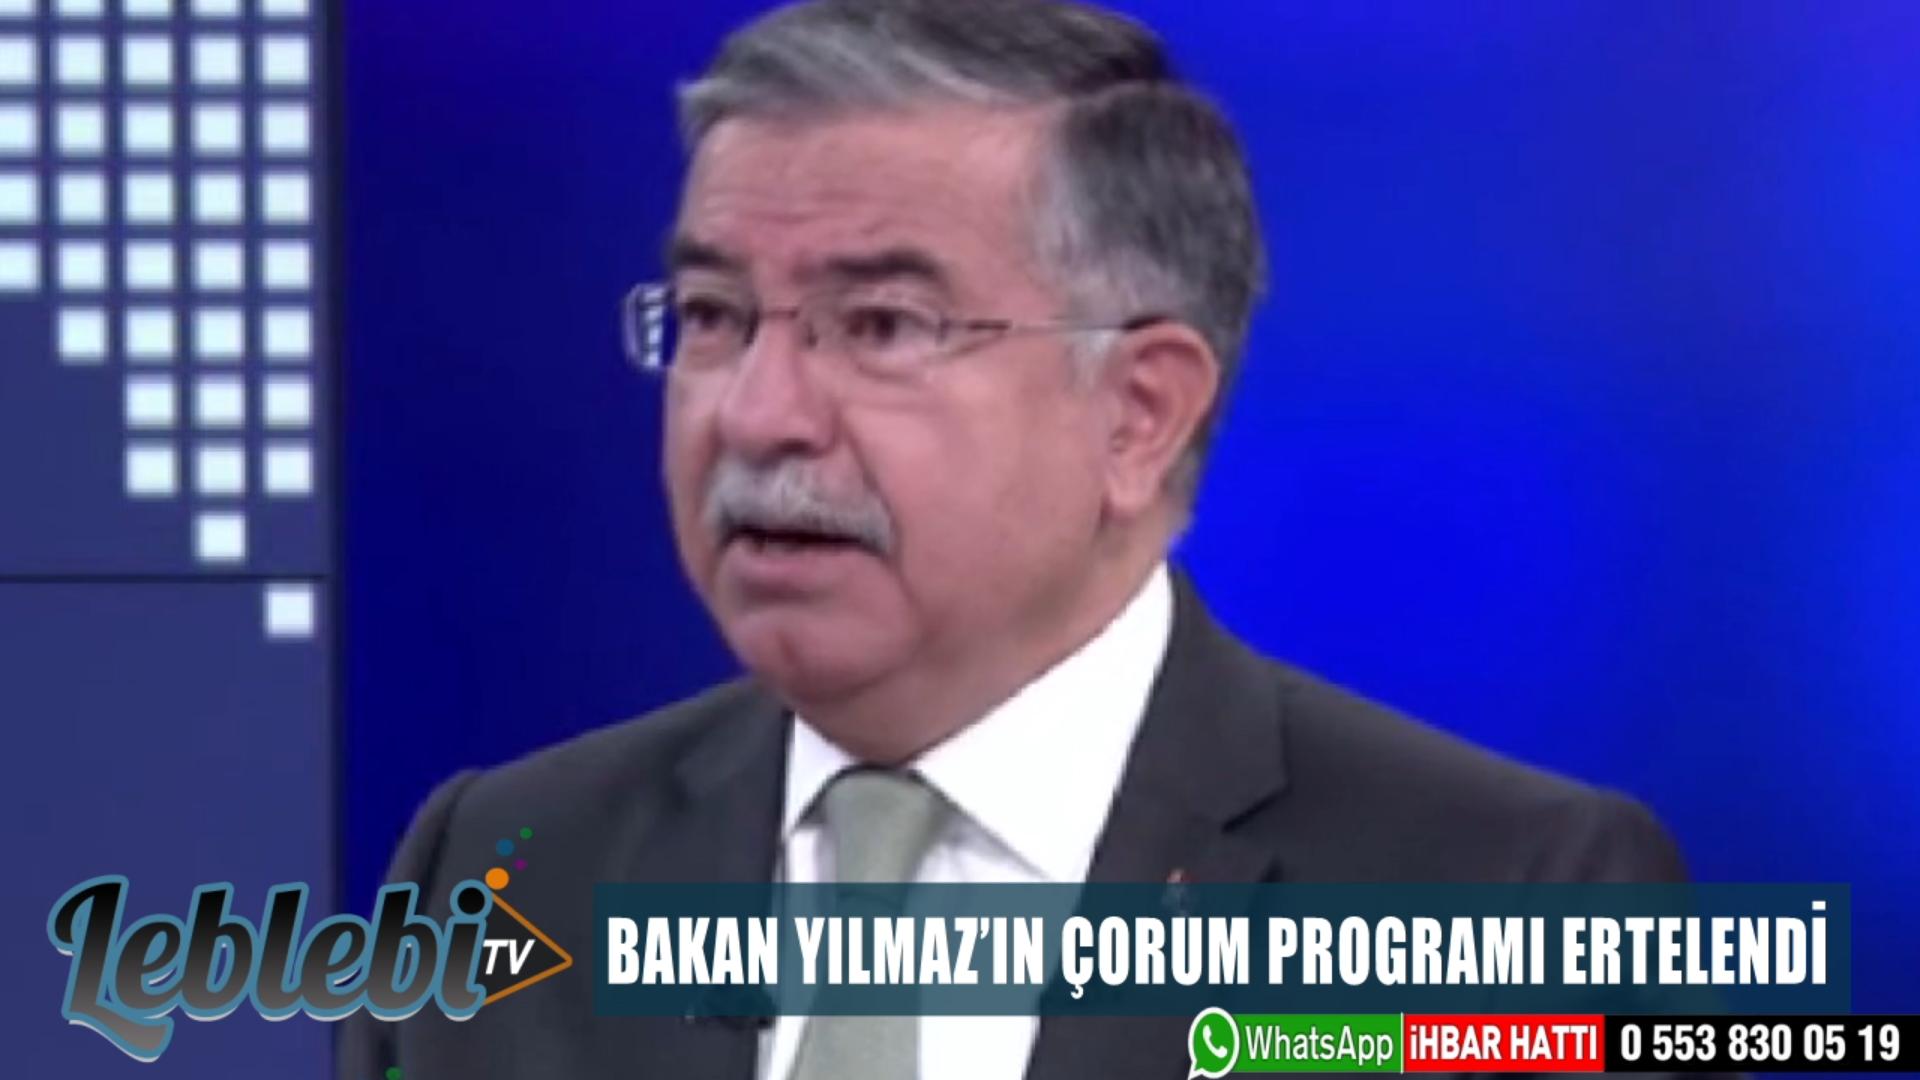 BAKAN YILMAZ'IN ÇORUM PROGRAMI ERTELENDİ